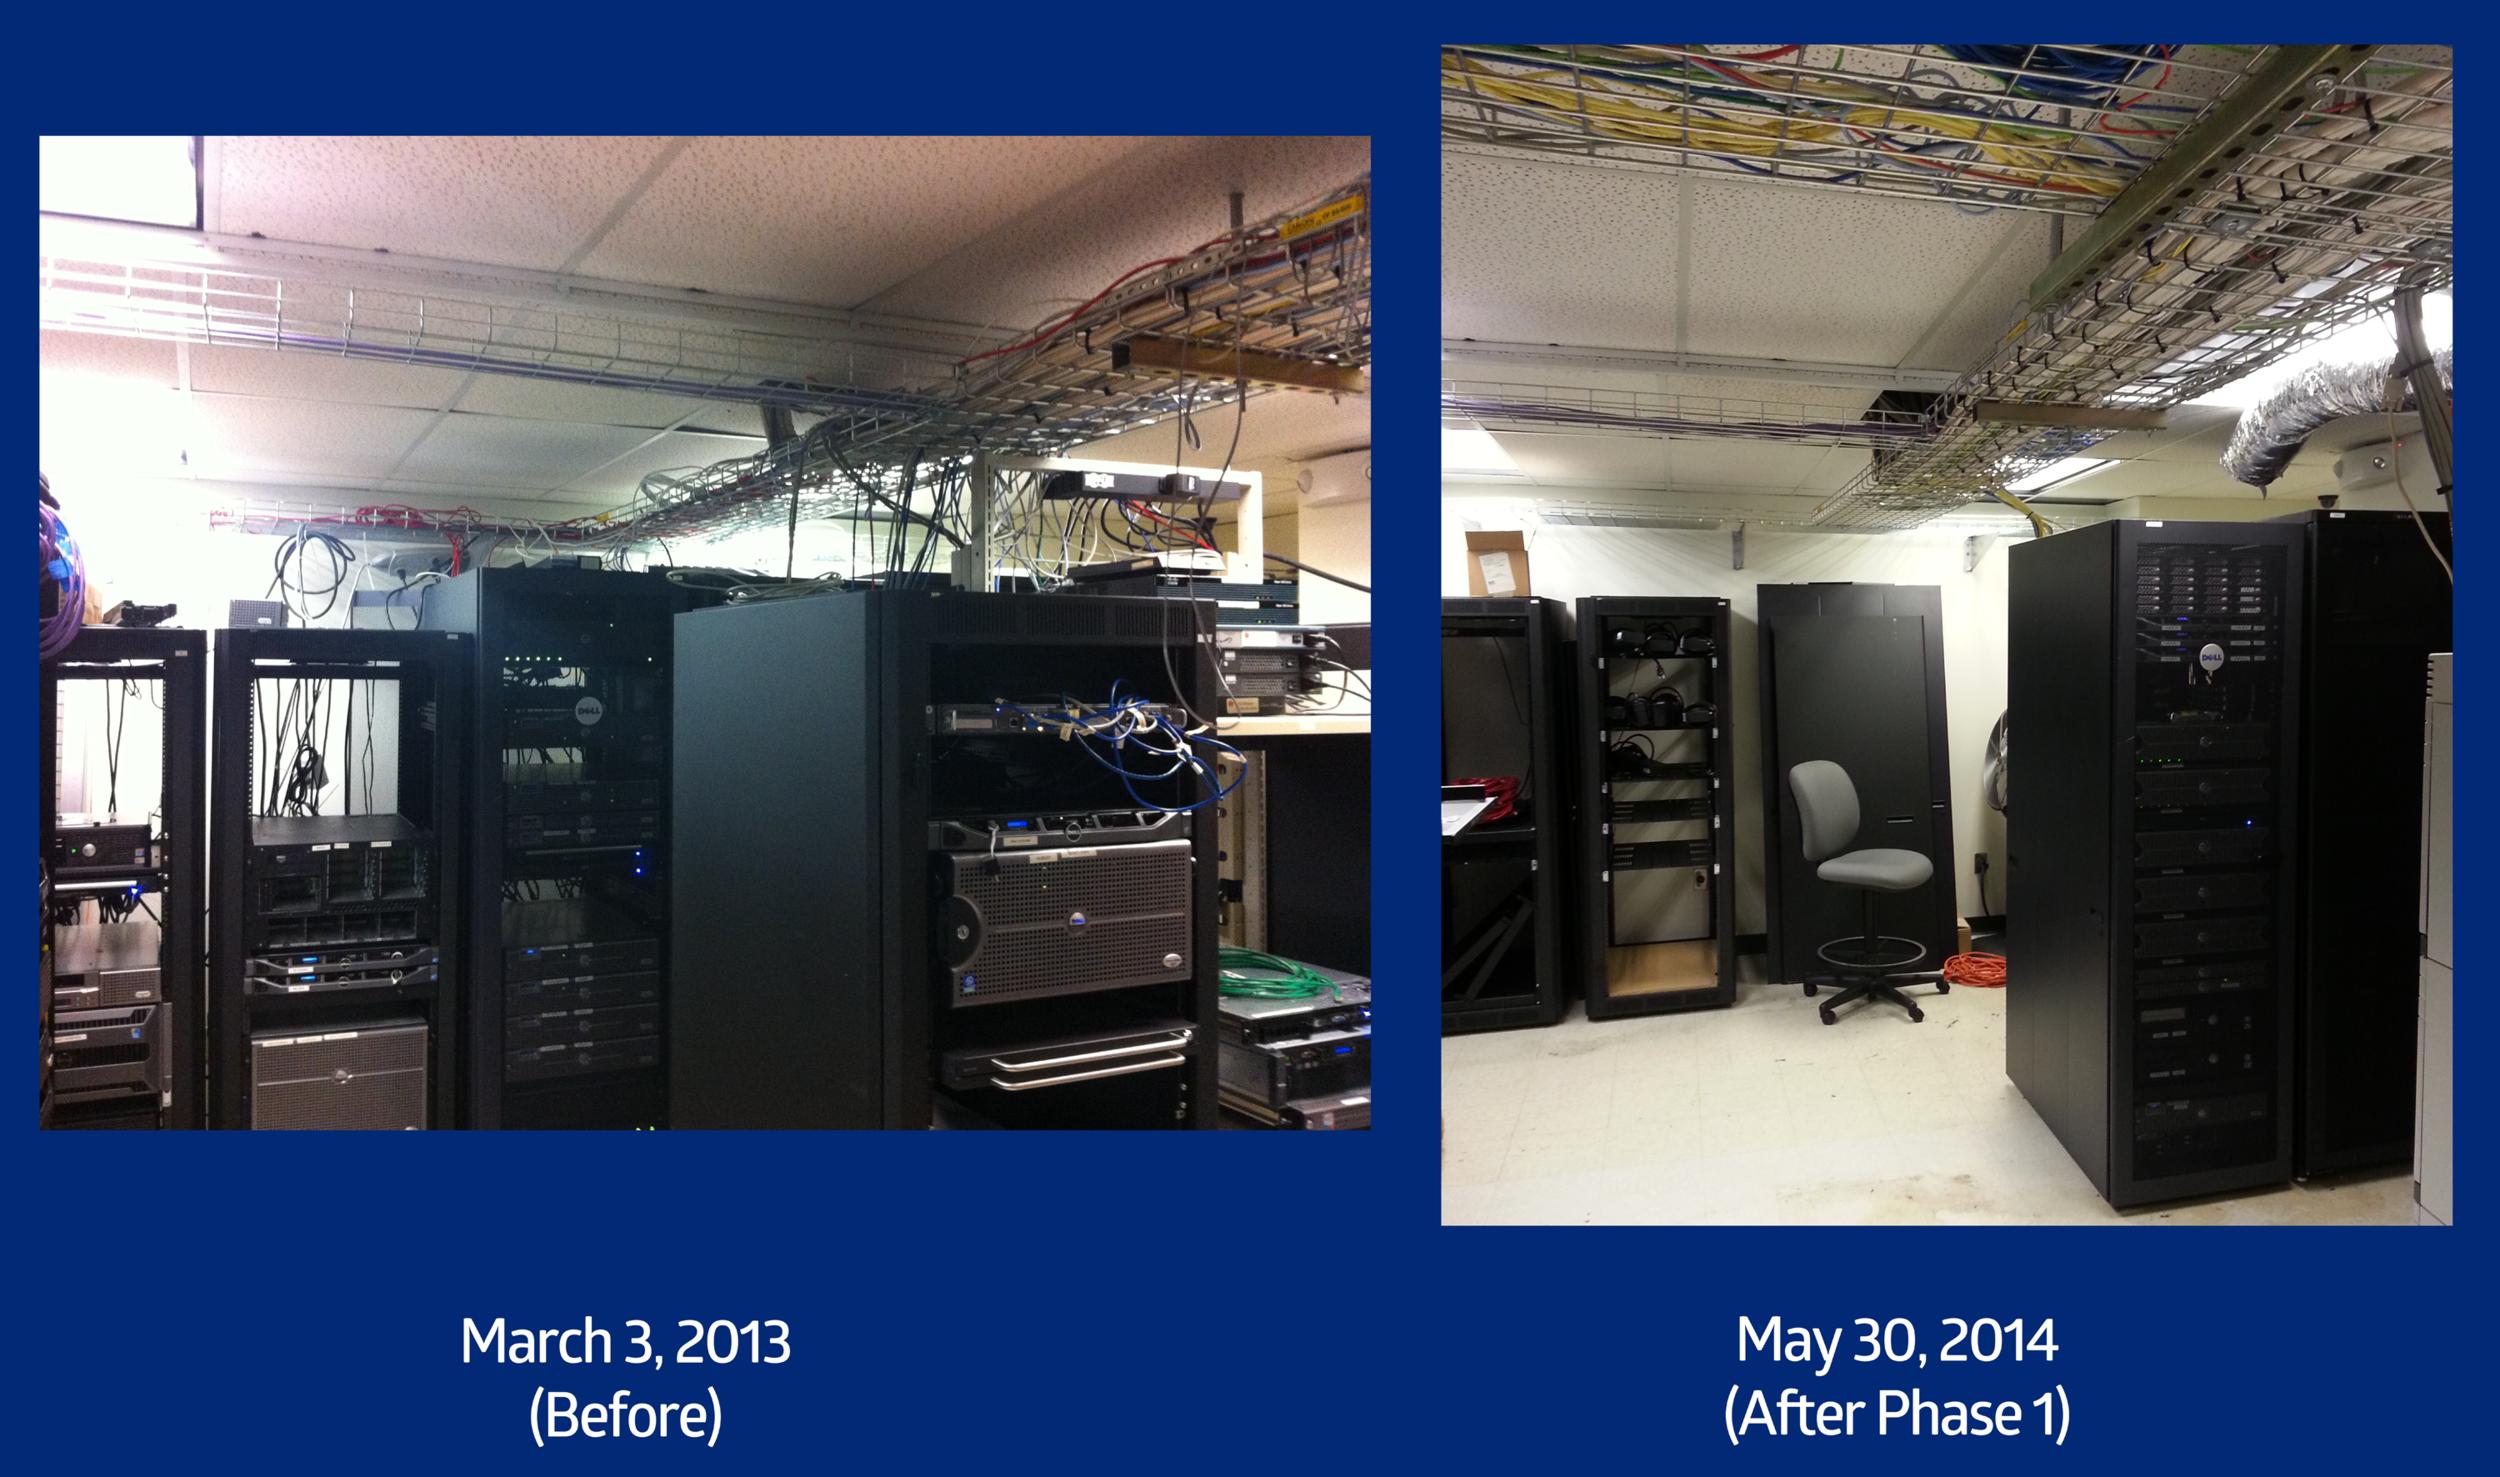 Server Room Cleanup